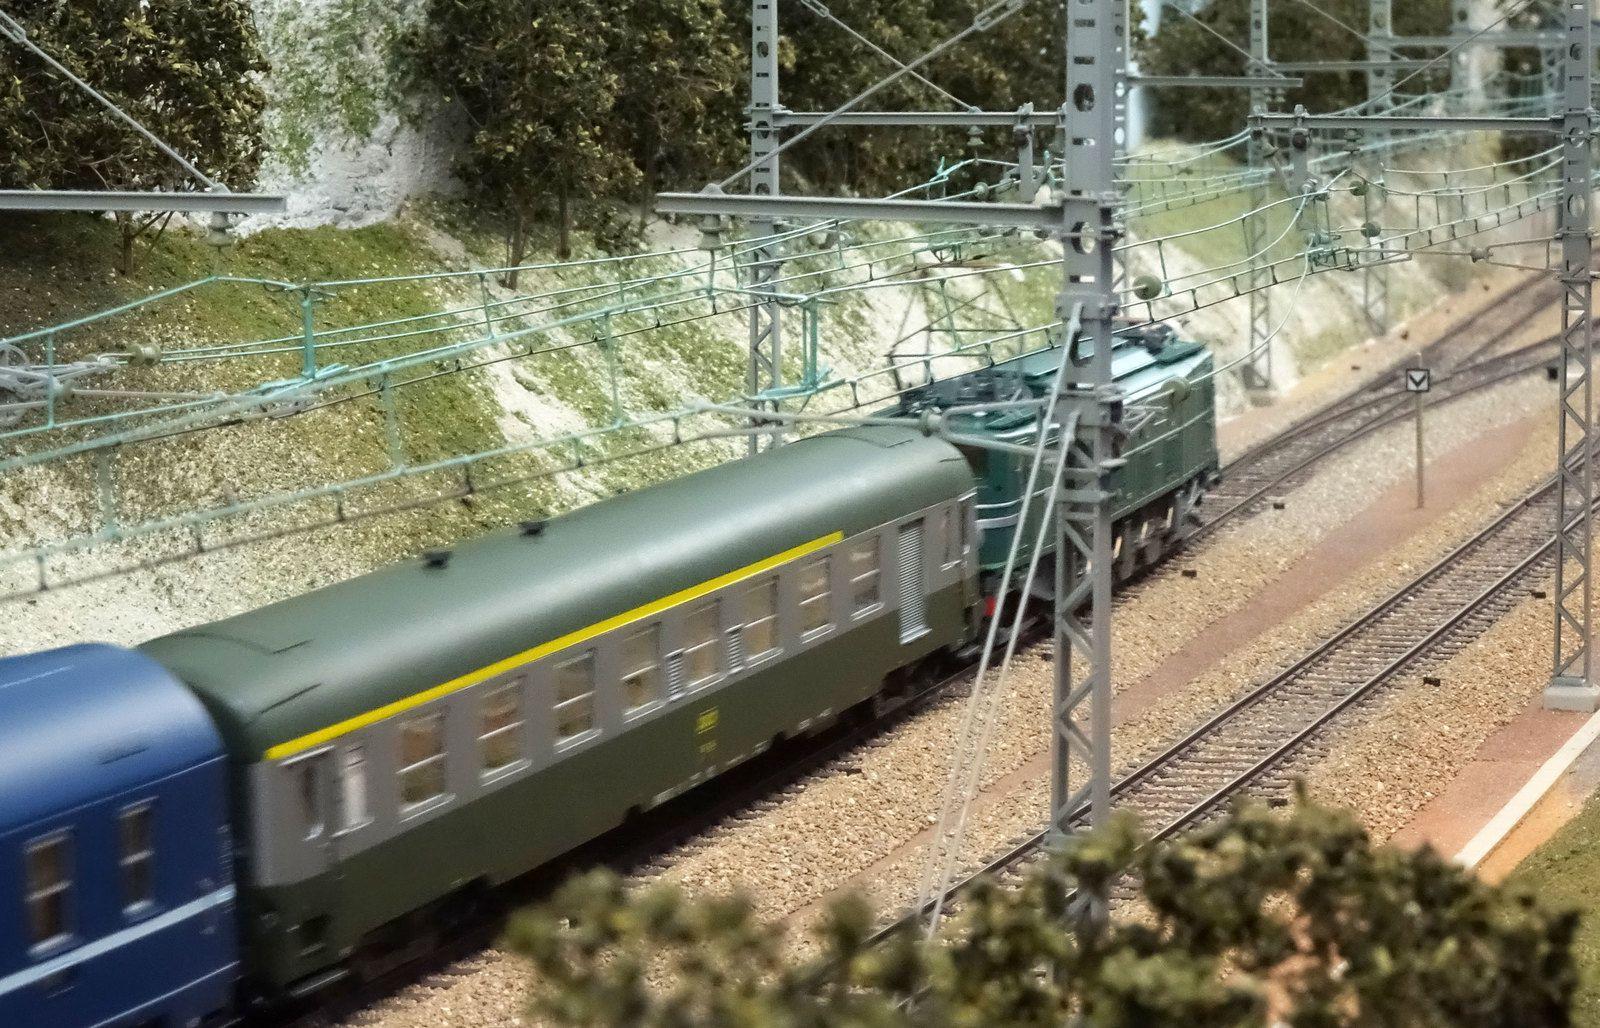 2D2 9100 en tête d'un train de nuit sur le réseau du RMB Gennevilliers.